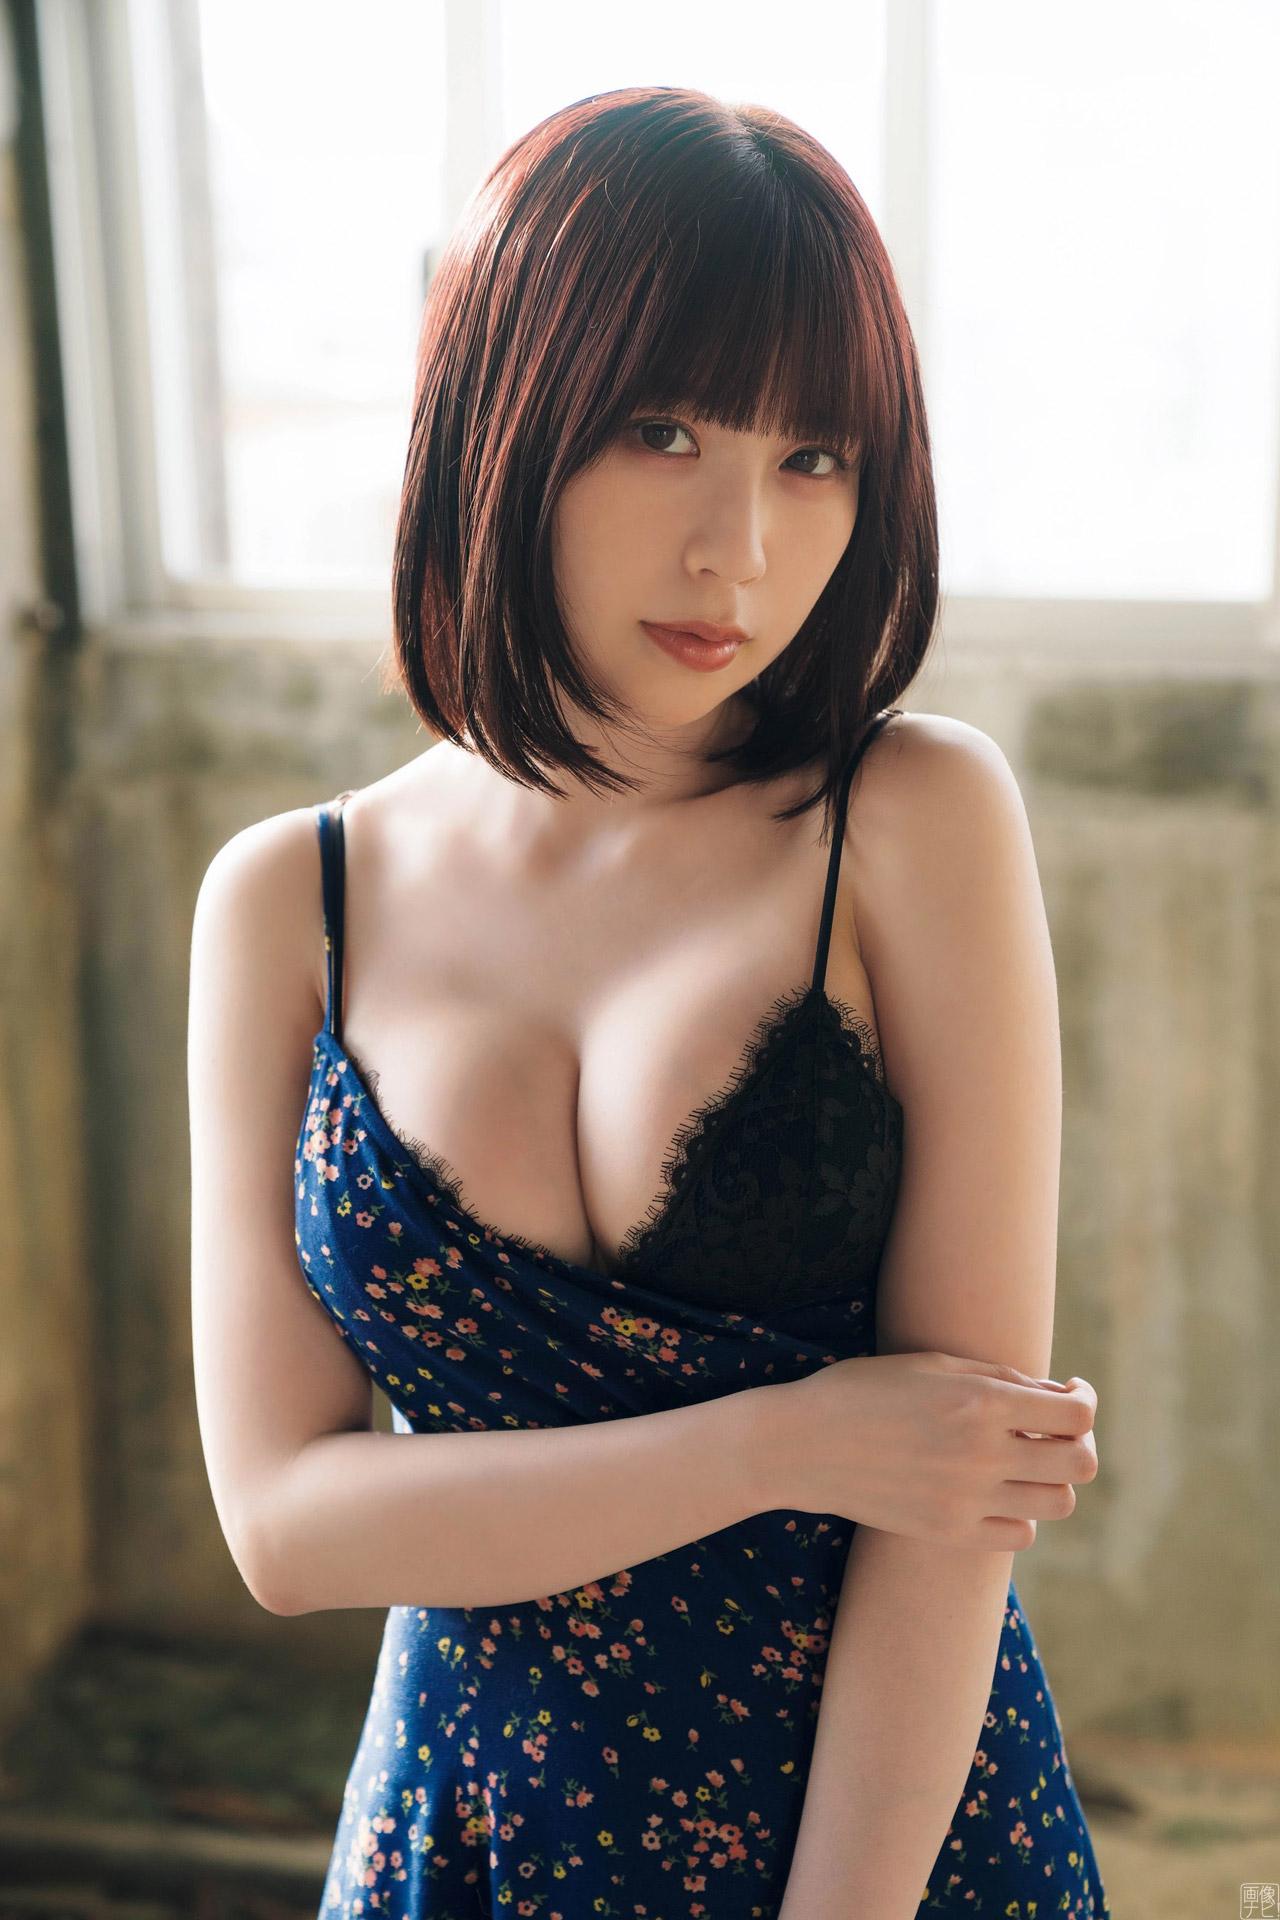 まねきケチャ宮內凜 推定Eカップの美乳と美尻--2021/10/3追加 ここから-- - 亞洲美女 -